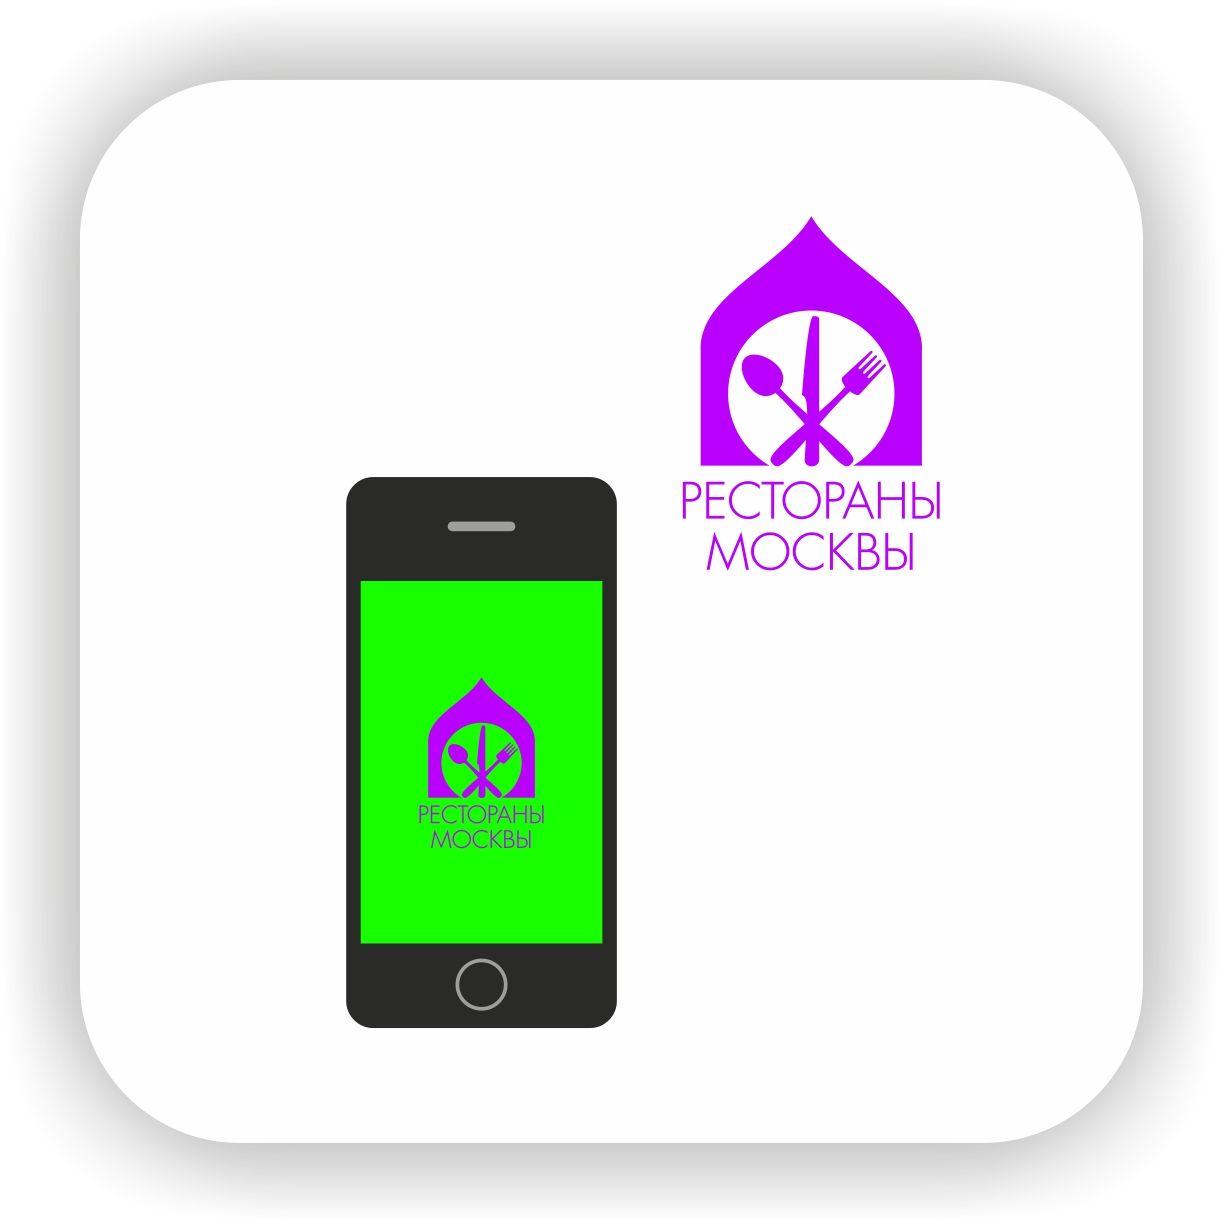 Логотип для Рестораны Москвы - дизайнер Nikus